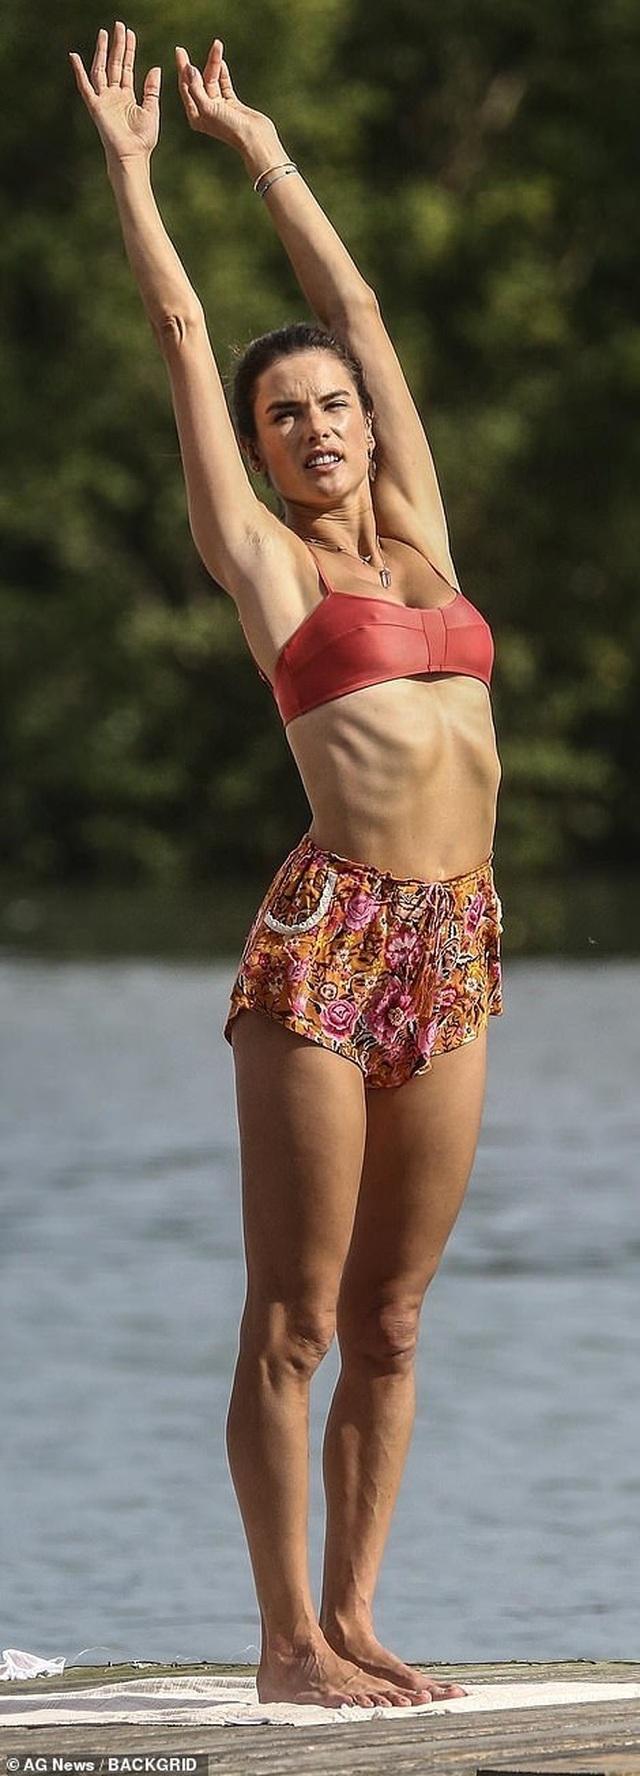 Cựu thiên thần nội y khoe dáng hoàn hảo khi tập yoga trên biển - 5